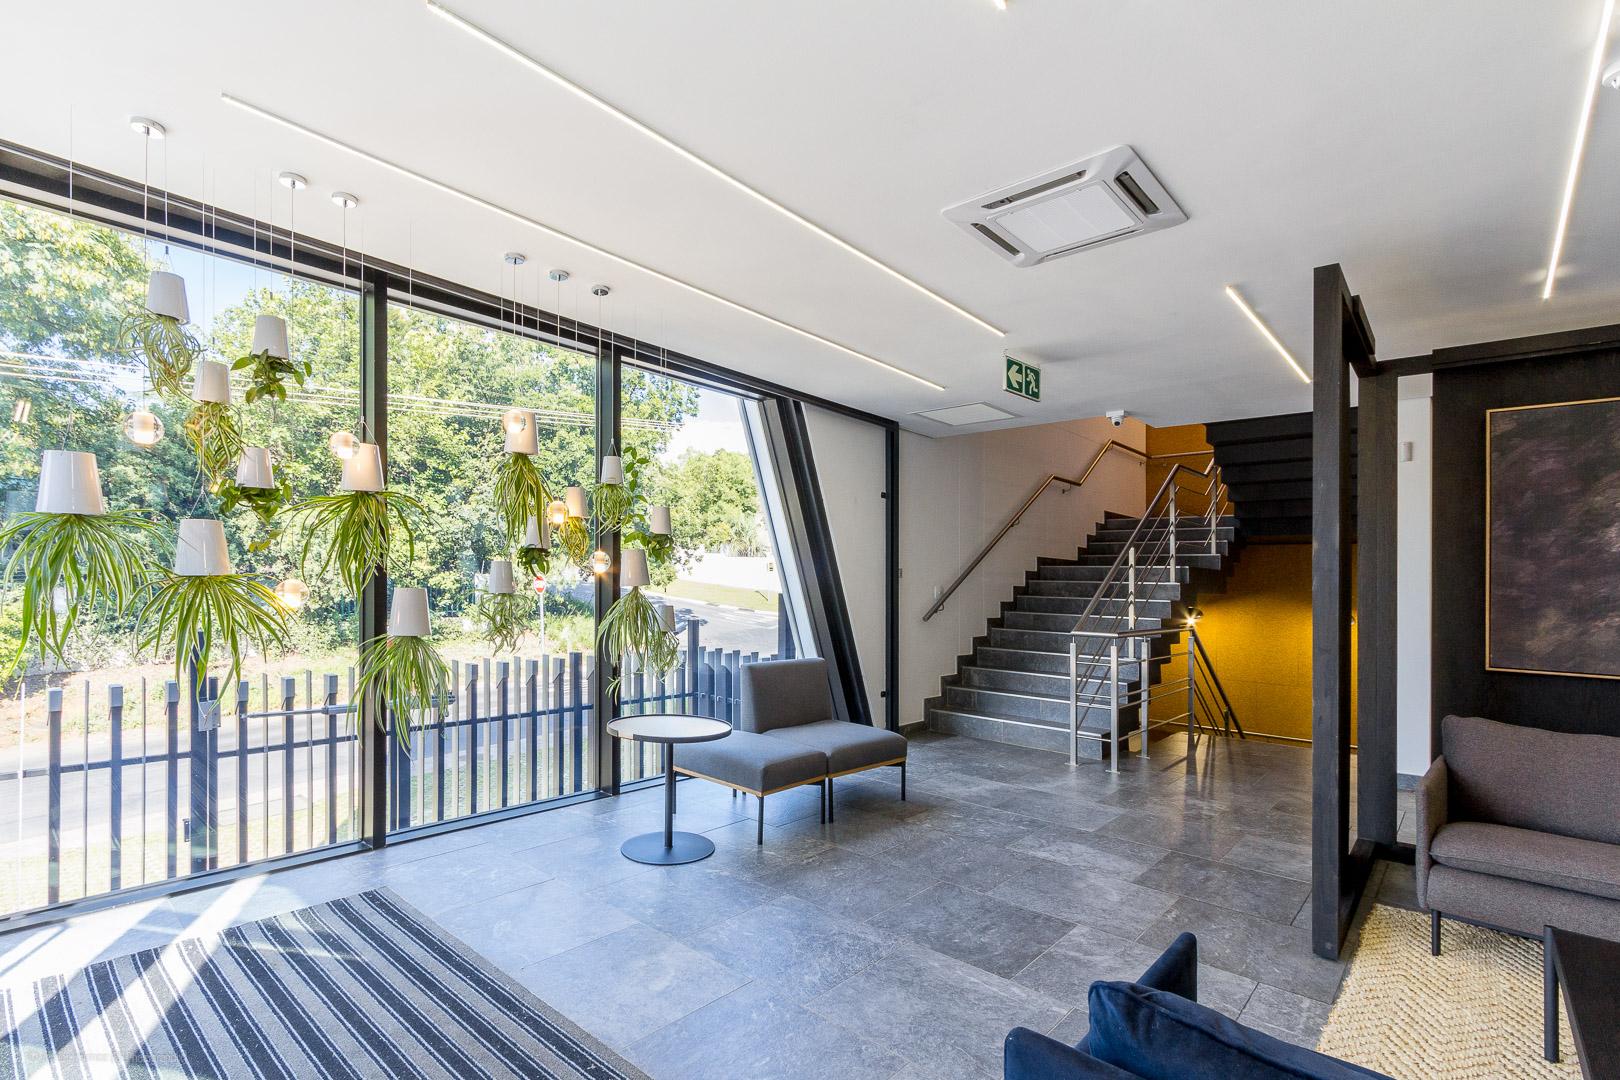 RHPX_Portfolio_Holt Street Parkmore Interior-3